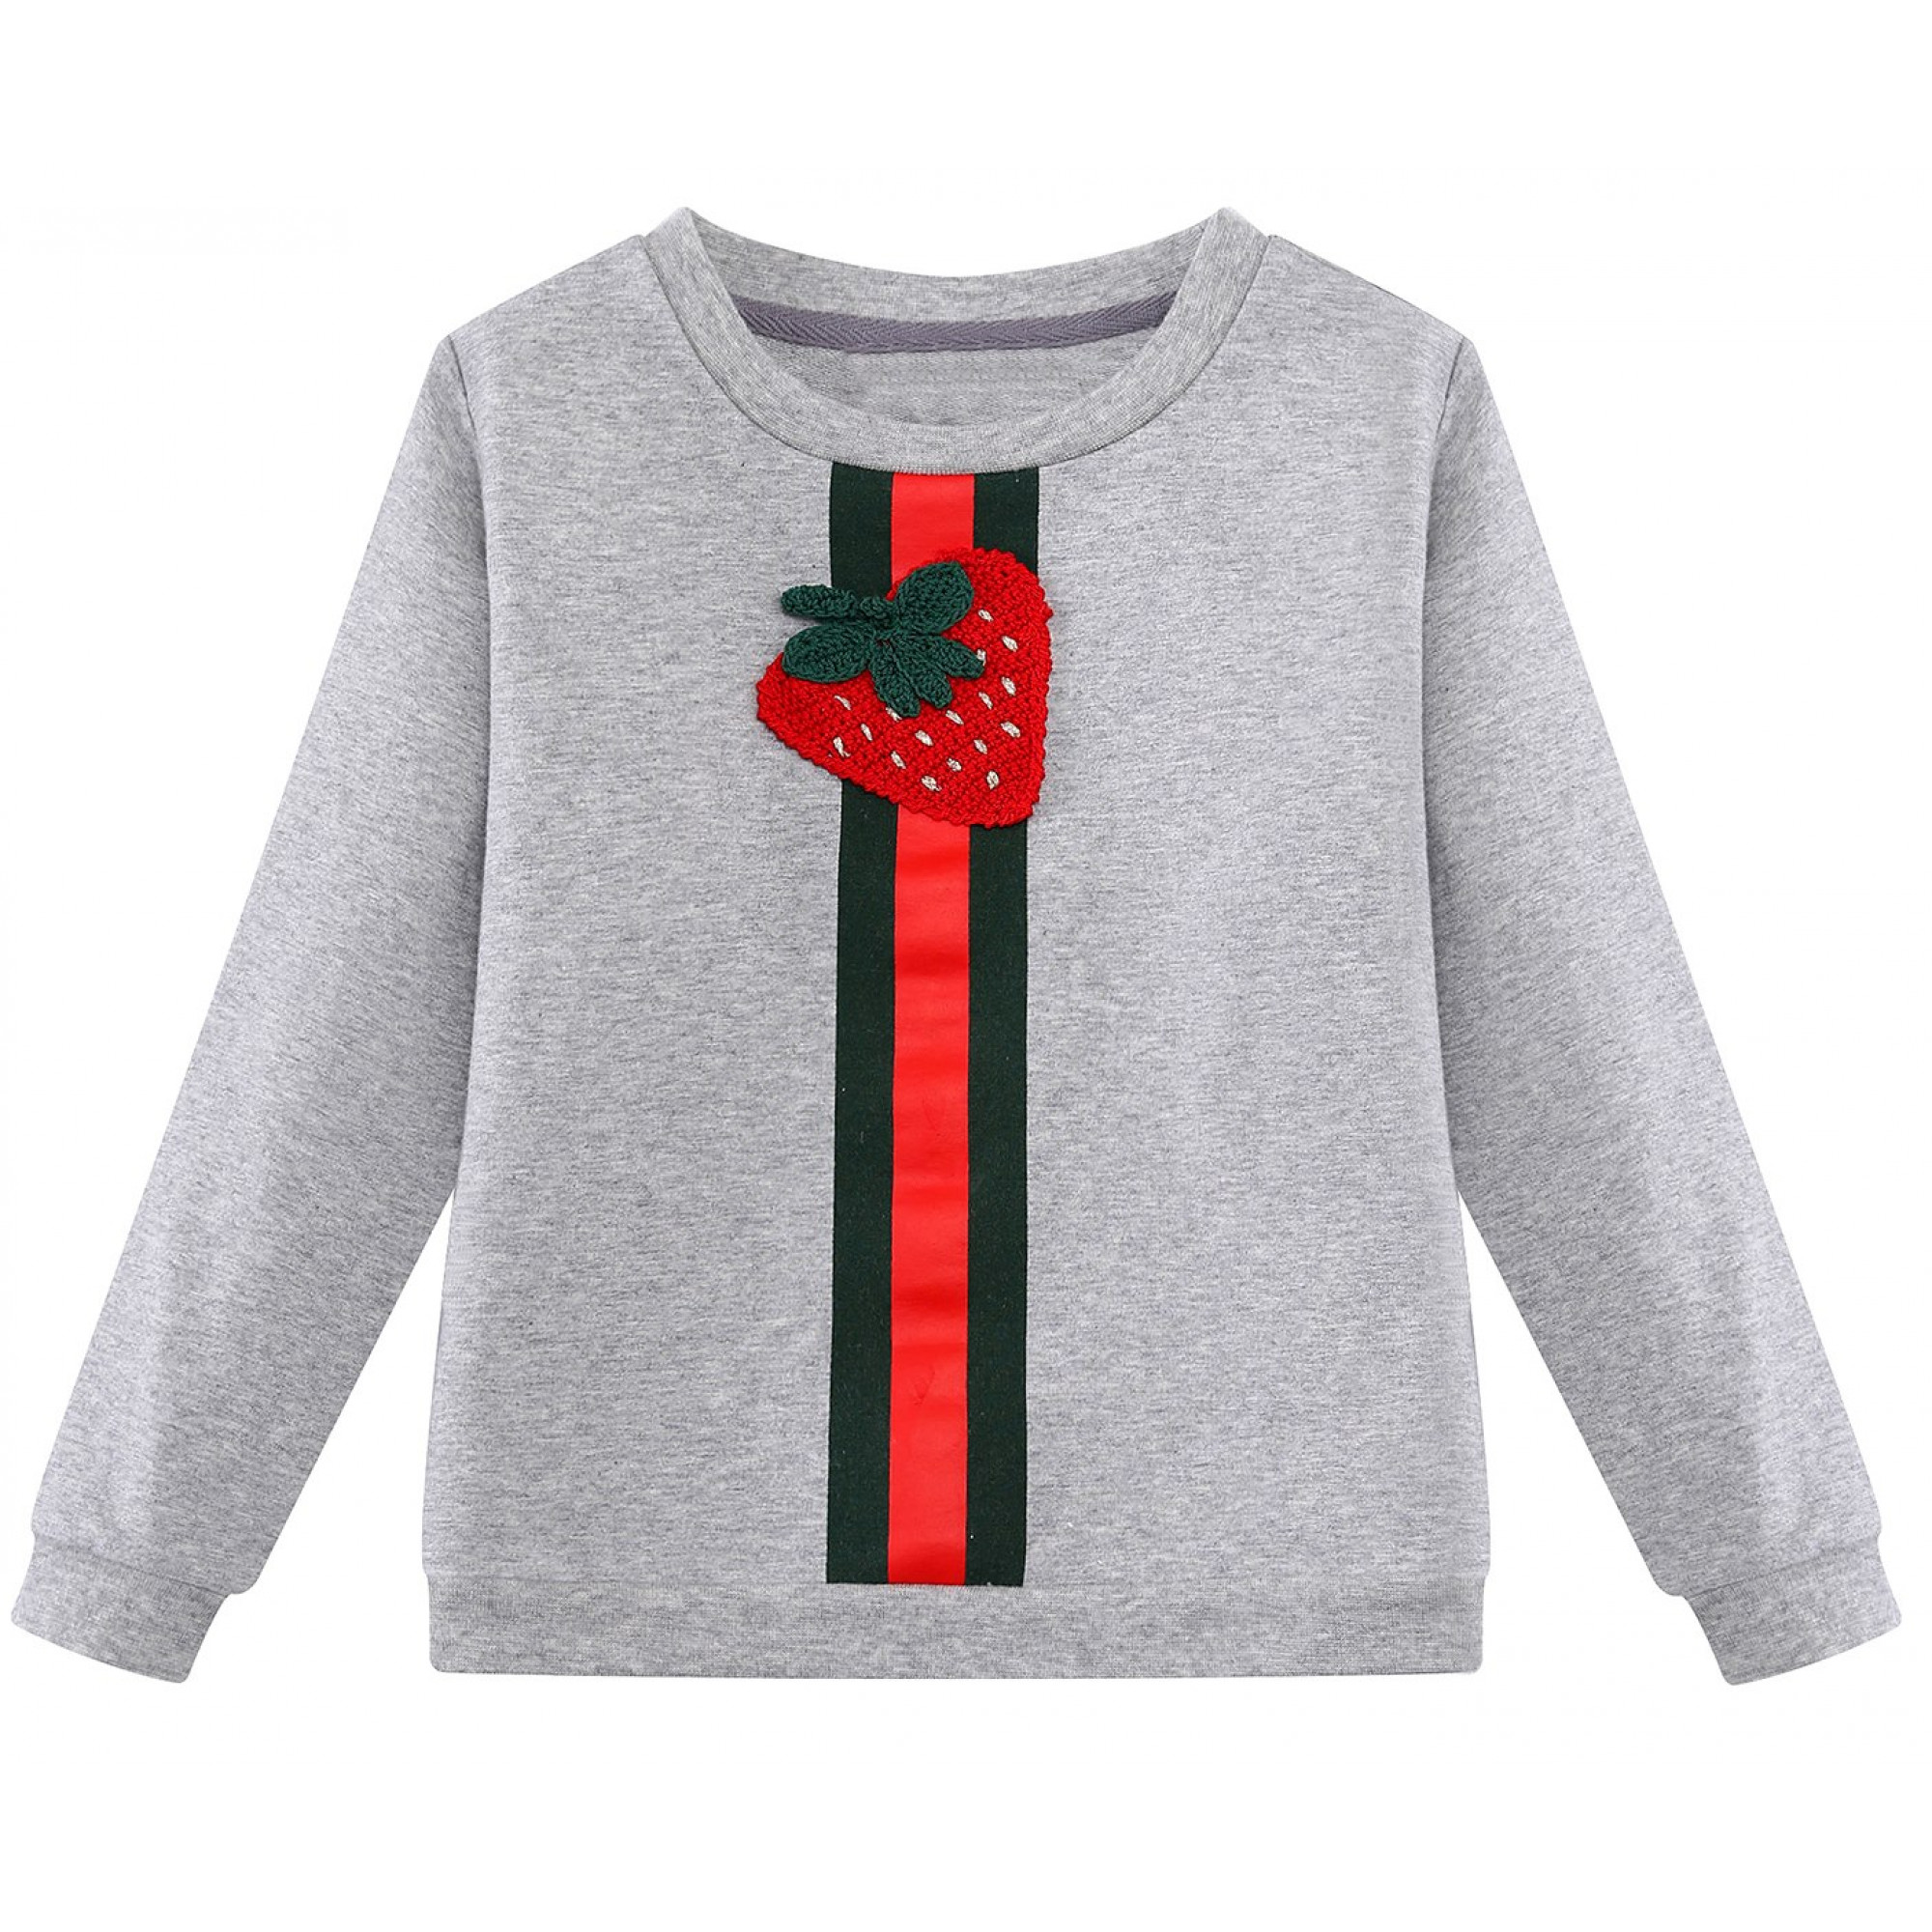 a34159108174 Купить детская толстовка Gucci с клубничкой — в Киеве, код товара 27424